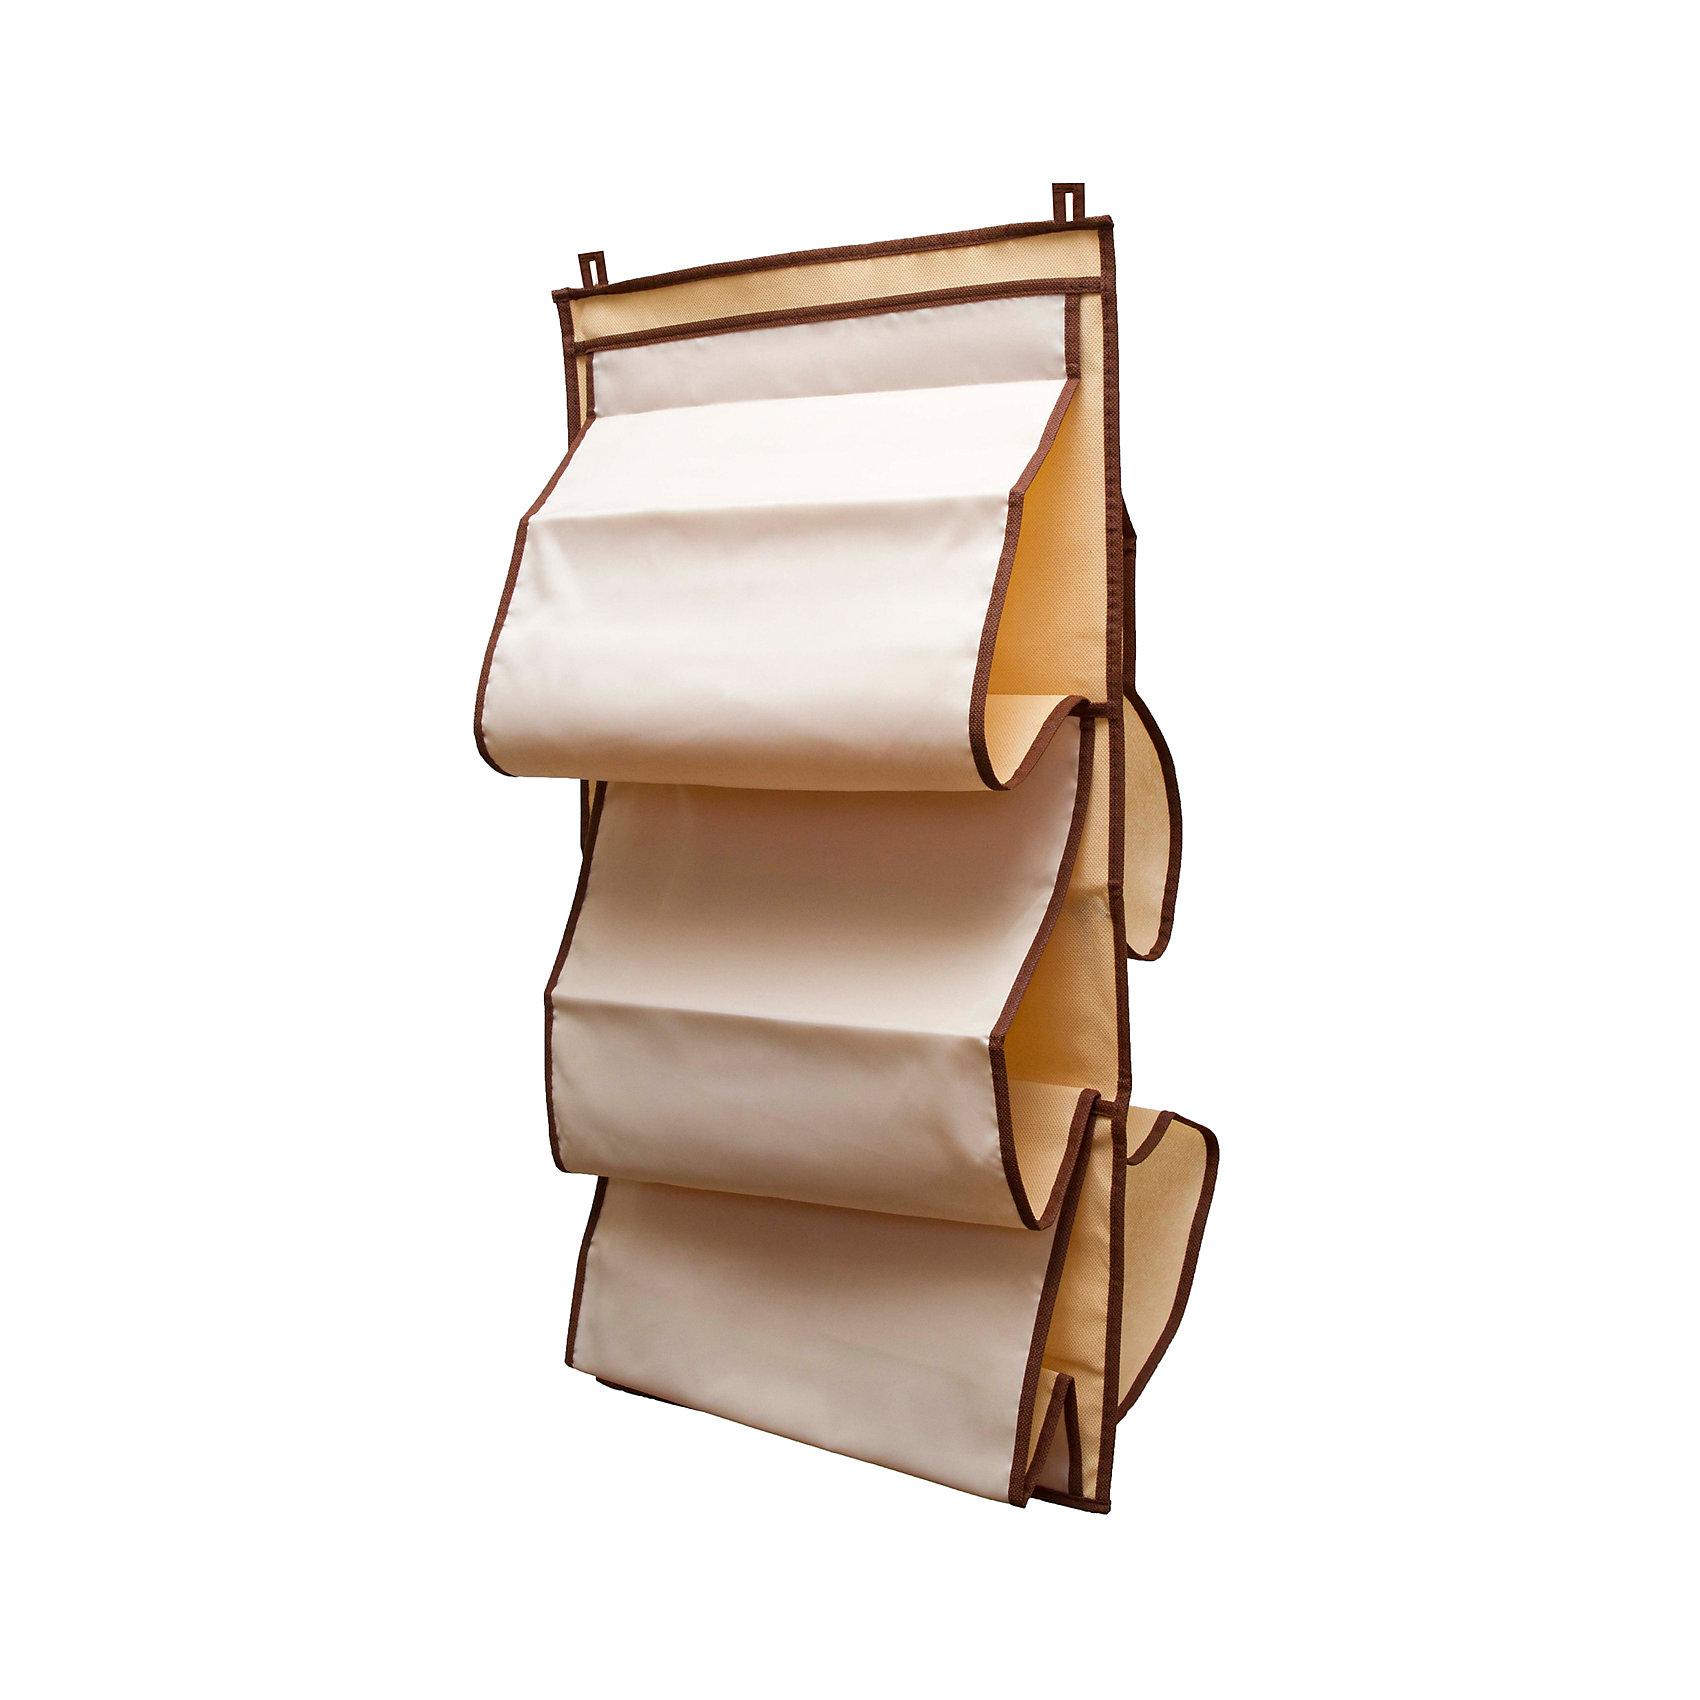 Органайзер для сумок в шкаф Bora-Bora, HomsuПорядок в детской<br>Характеристики товара:<br><br>• цвет: бежевый<br>• материал: полиэстер<br>• размер: 70х40х2 см.<br>• вес: 300 гр.<br>• застежка: молния<br>• крепление: крючок<br>• ручка для переноски<br>• вместимость: 5 отделений<br>• страна бренда: Россия<br>• страна изготовитель: Китай<br><br>Органайзер для сумок в шкаф Bora-Bora, Homsu (Хомсу) - очень удобная вещь для хранения вещей и эргономичной организации пространства.<br><br>Он состоит из пяти отделений, легко крепится на стену, дверь или внутрь шкафов.<br><br>Органайзер для сумок в шкаф Bora-Bora, Homsu можно купить в нашем интернет-магазине.<br><br>Ширина мм: 450<br>Глубина мм: 300<br>Высота мм: 20<br>Вес г: 300<br>Возраст от месяцев: 216<br>Возраст до месяцев: 1188<br>Пол: Унисекс<br>Возраст: Детский<br>SKU: 5620200